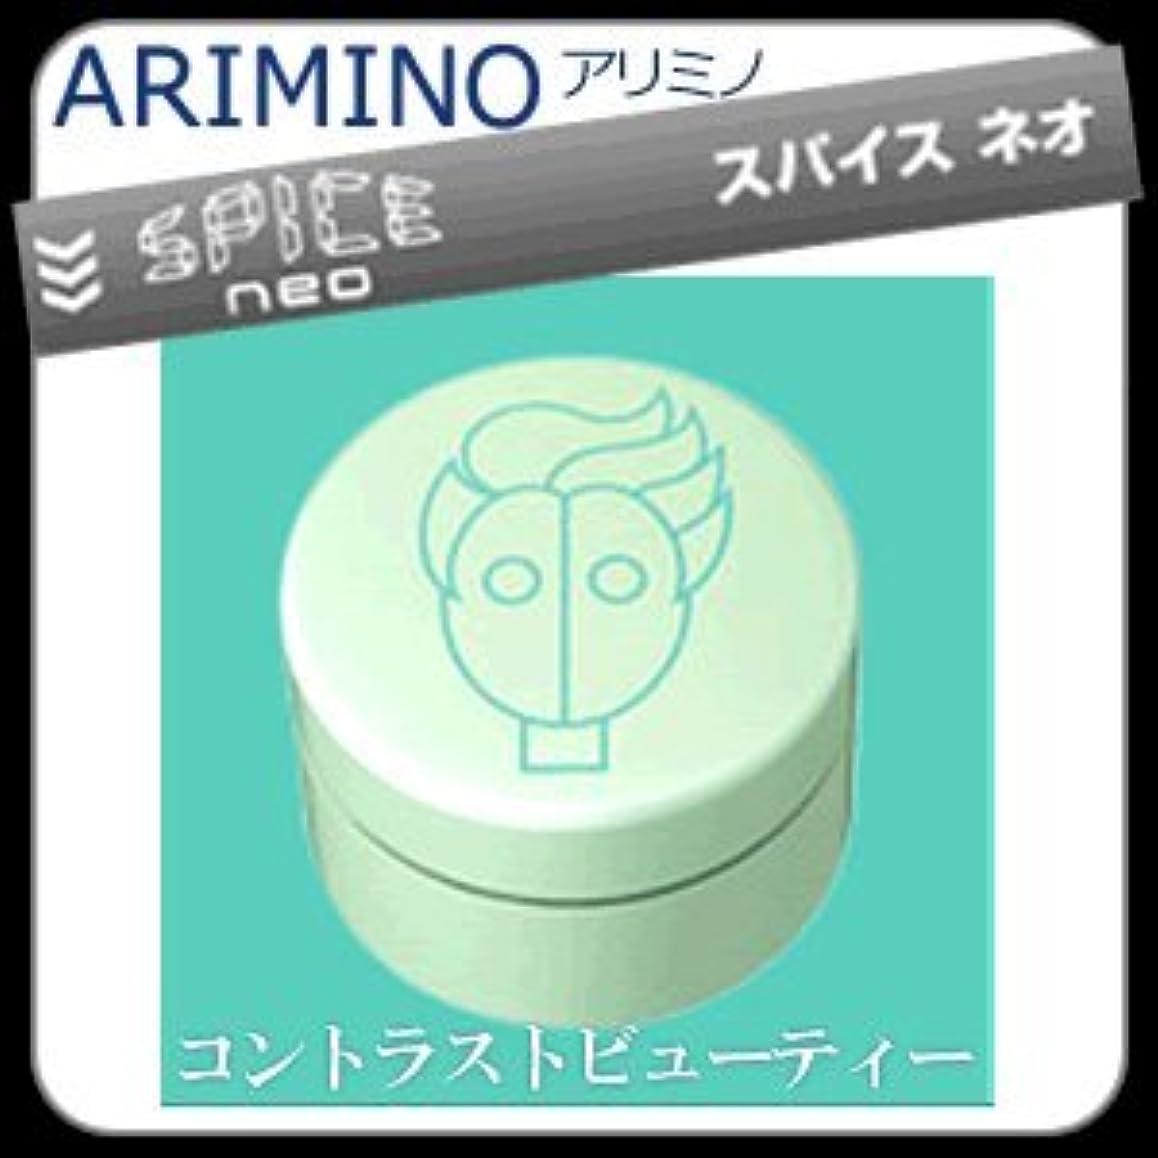 専ら作りますわざわざ【X2個セット】 アリミノ スパイスネオ GREASE-WAX グリースワックス 100g ARIMINO SPICE neo